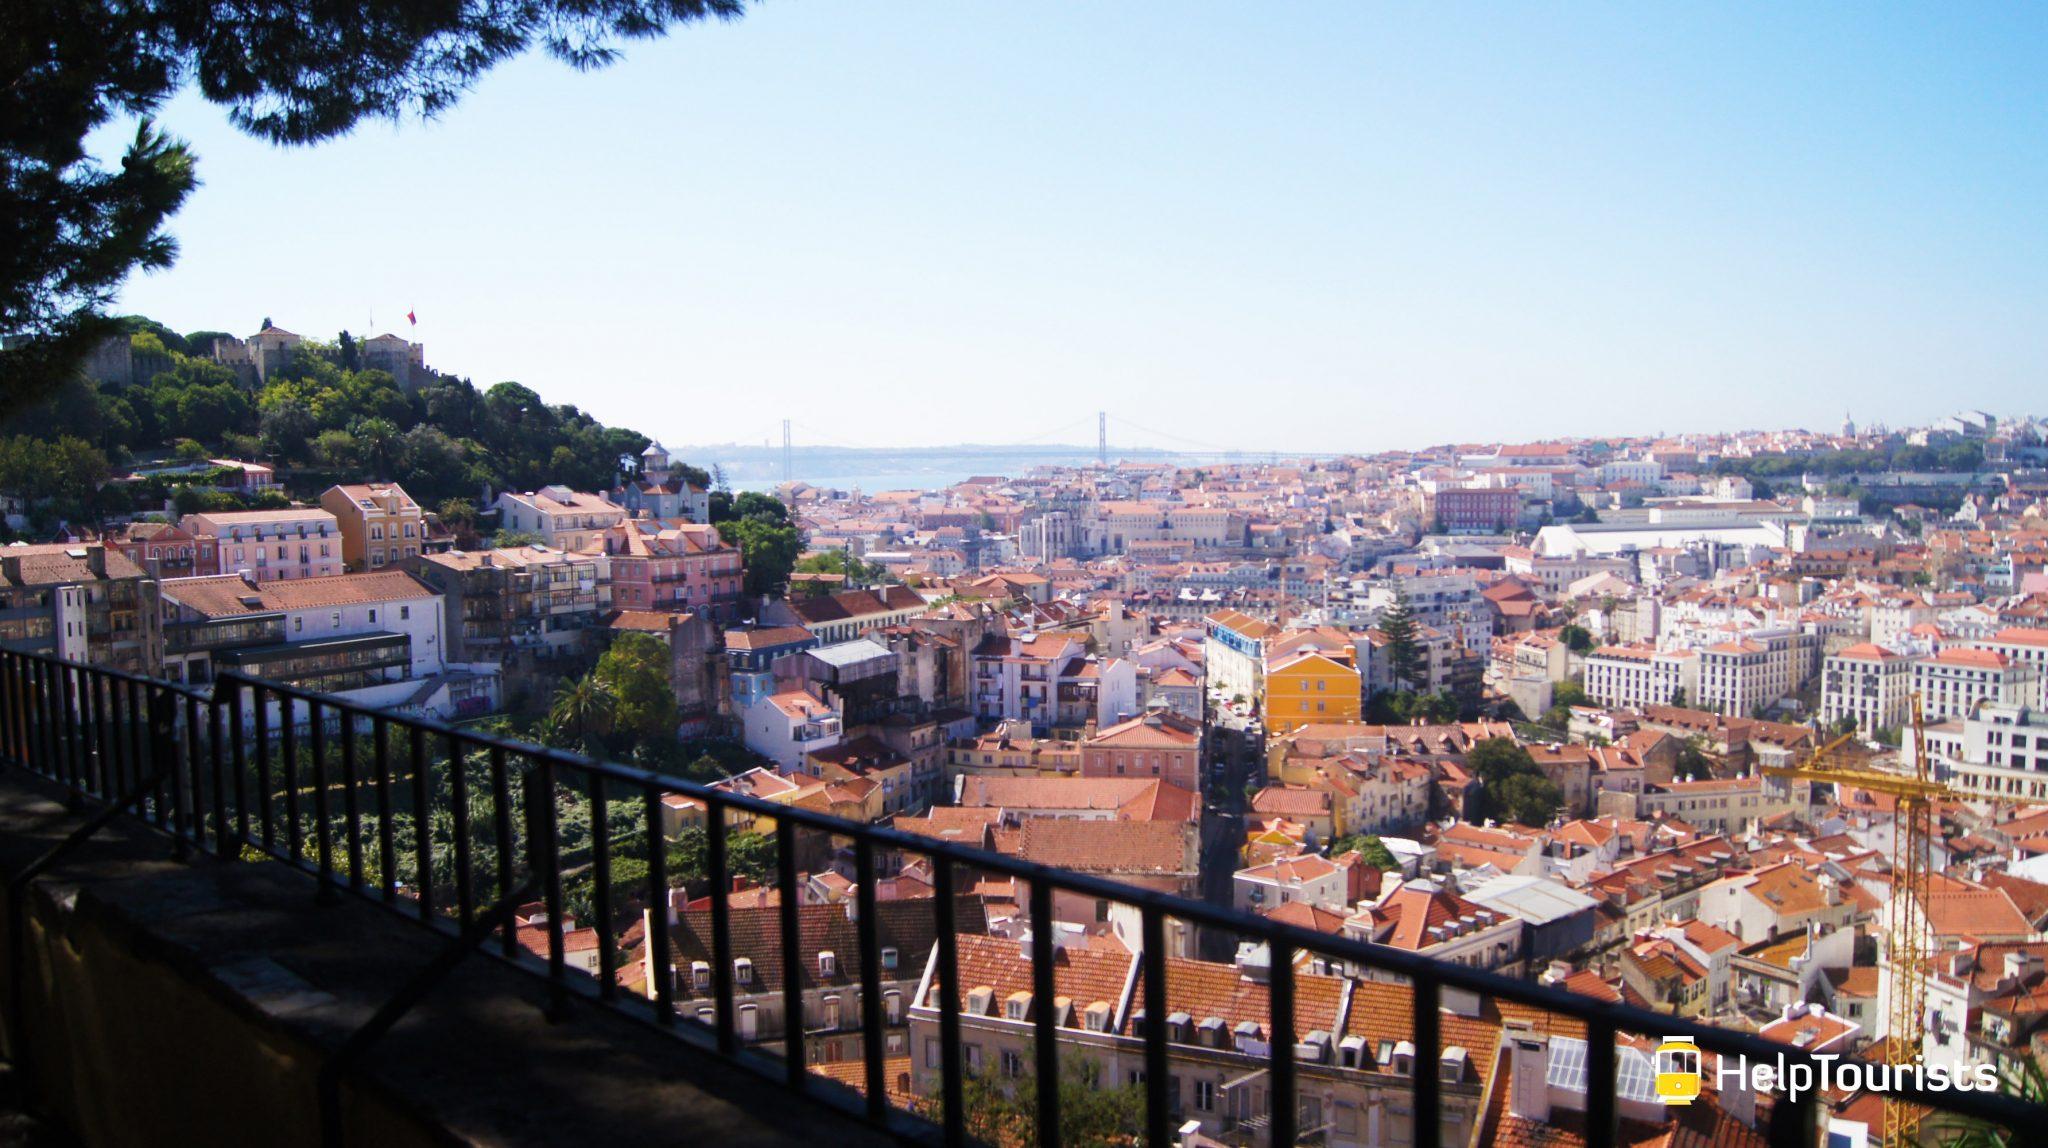 Lissabon_Miradouro-da-Senhora-do-Monte_02_l